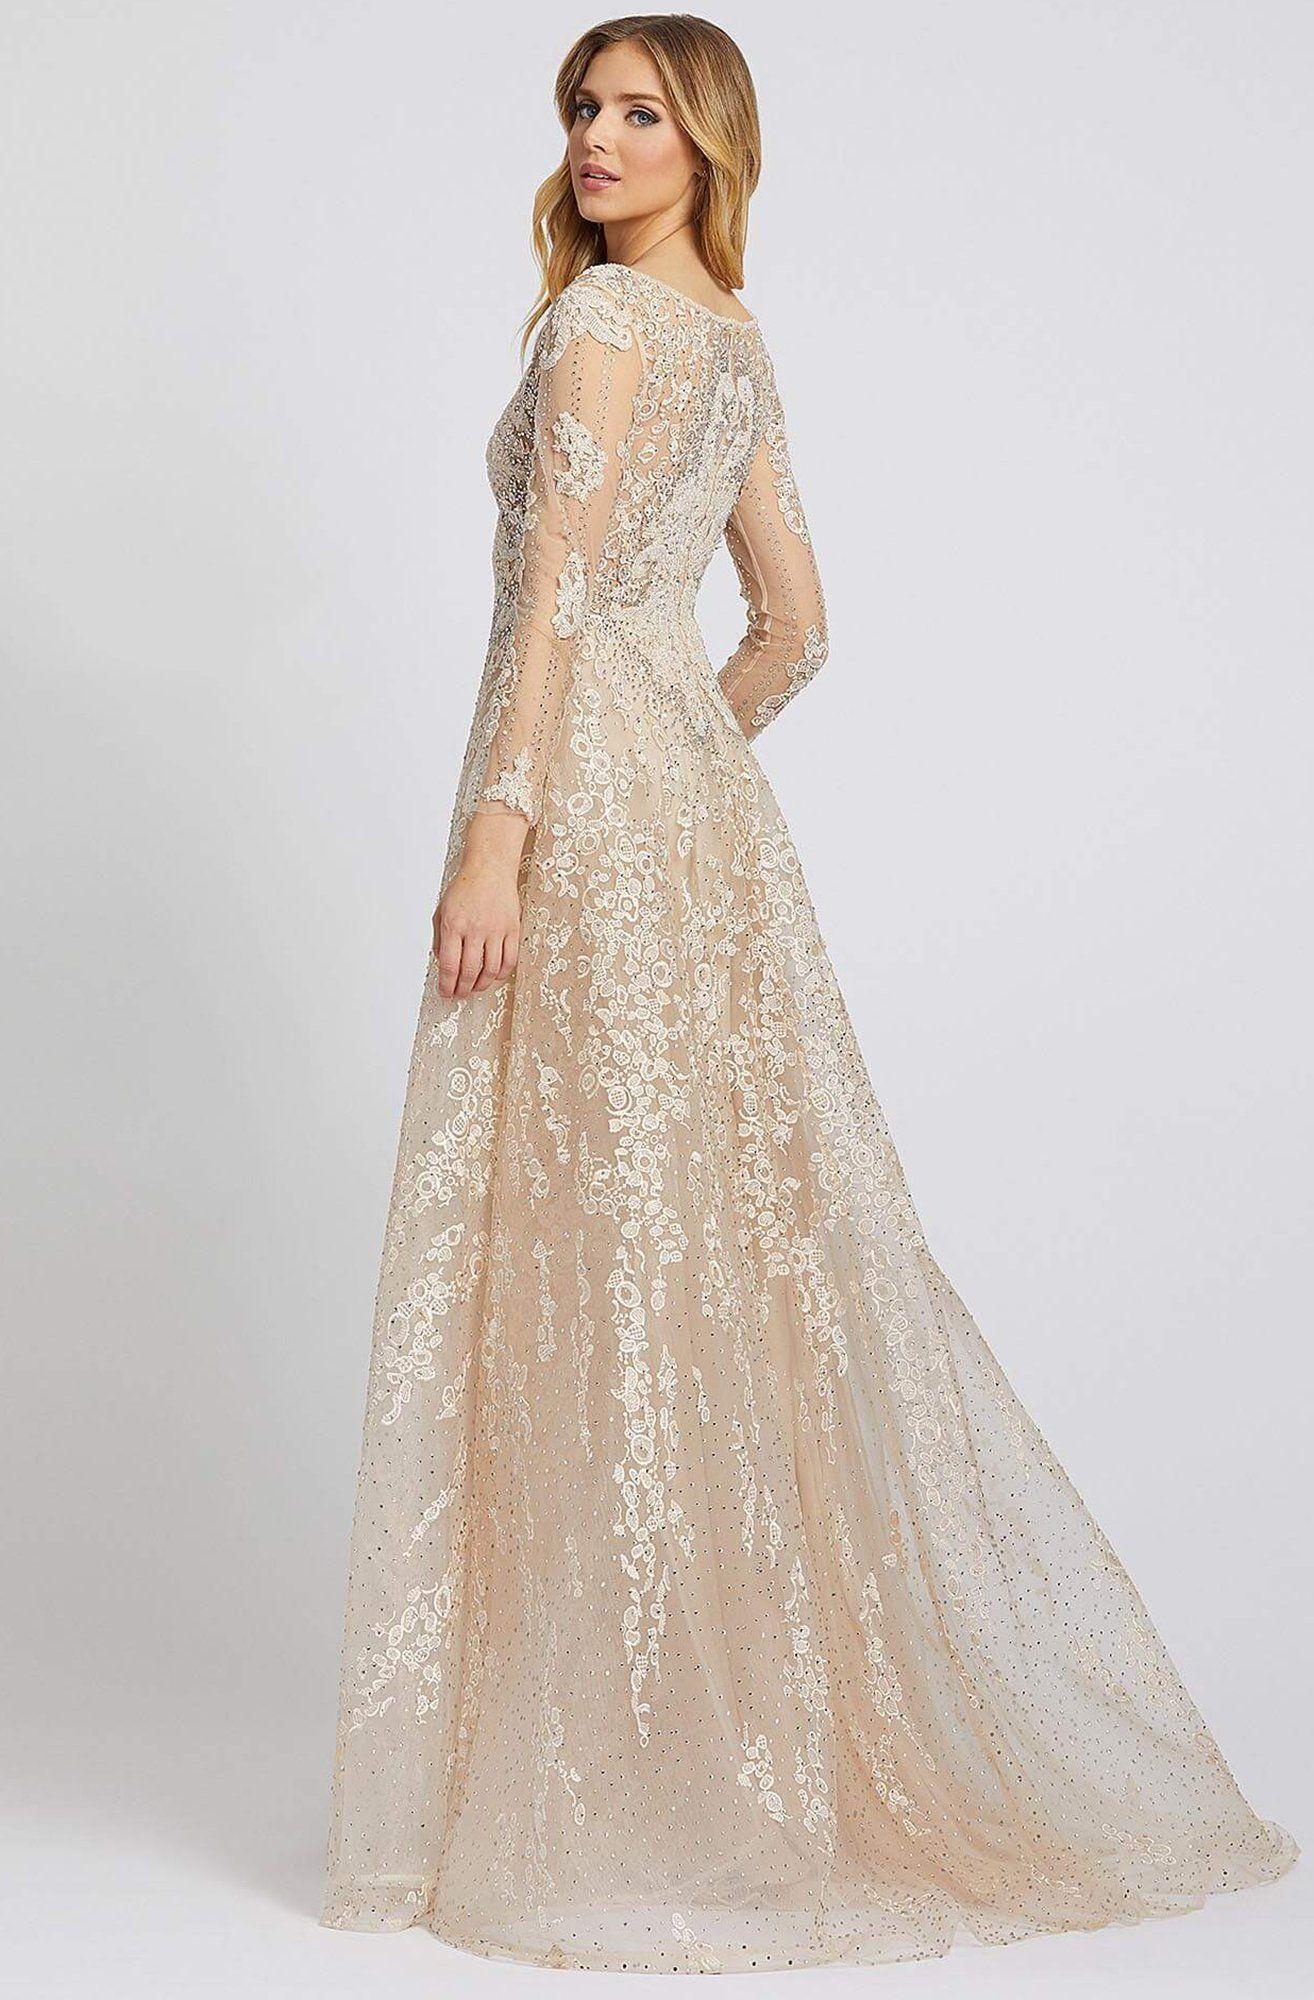 Mac Duggal Evening 20212d Long Sleeve Embroidered A Line Gown In 2021 A Line Gown Long Sleeve Wedding Gowns Short Sleeve Wedding Dress [ 2000 x 1314 Pixel ]